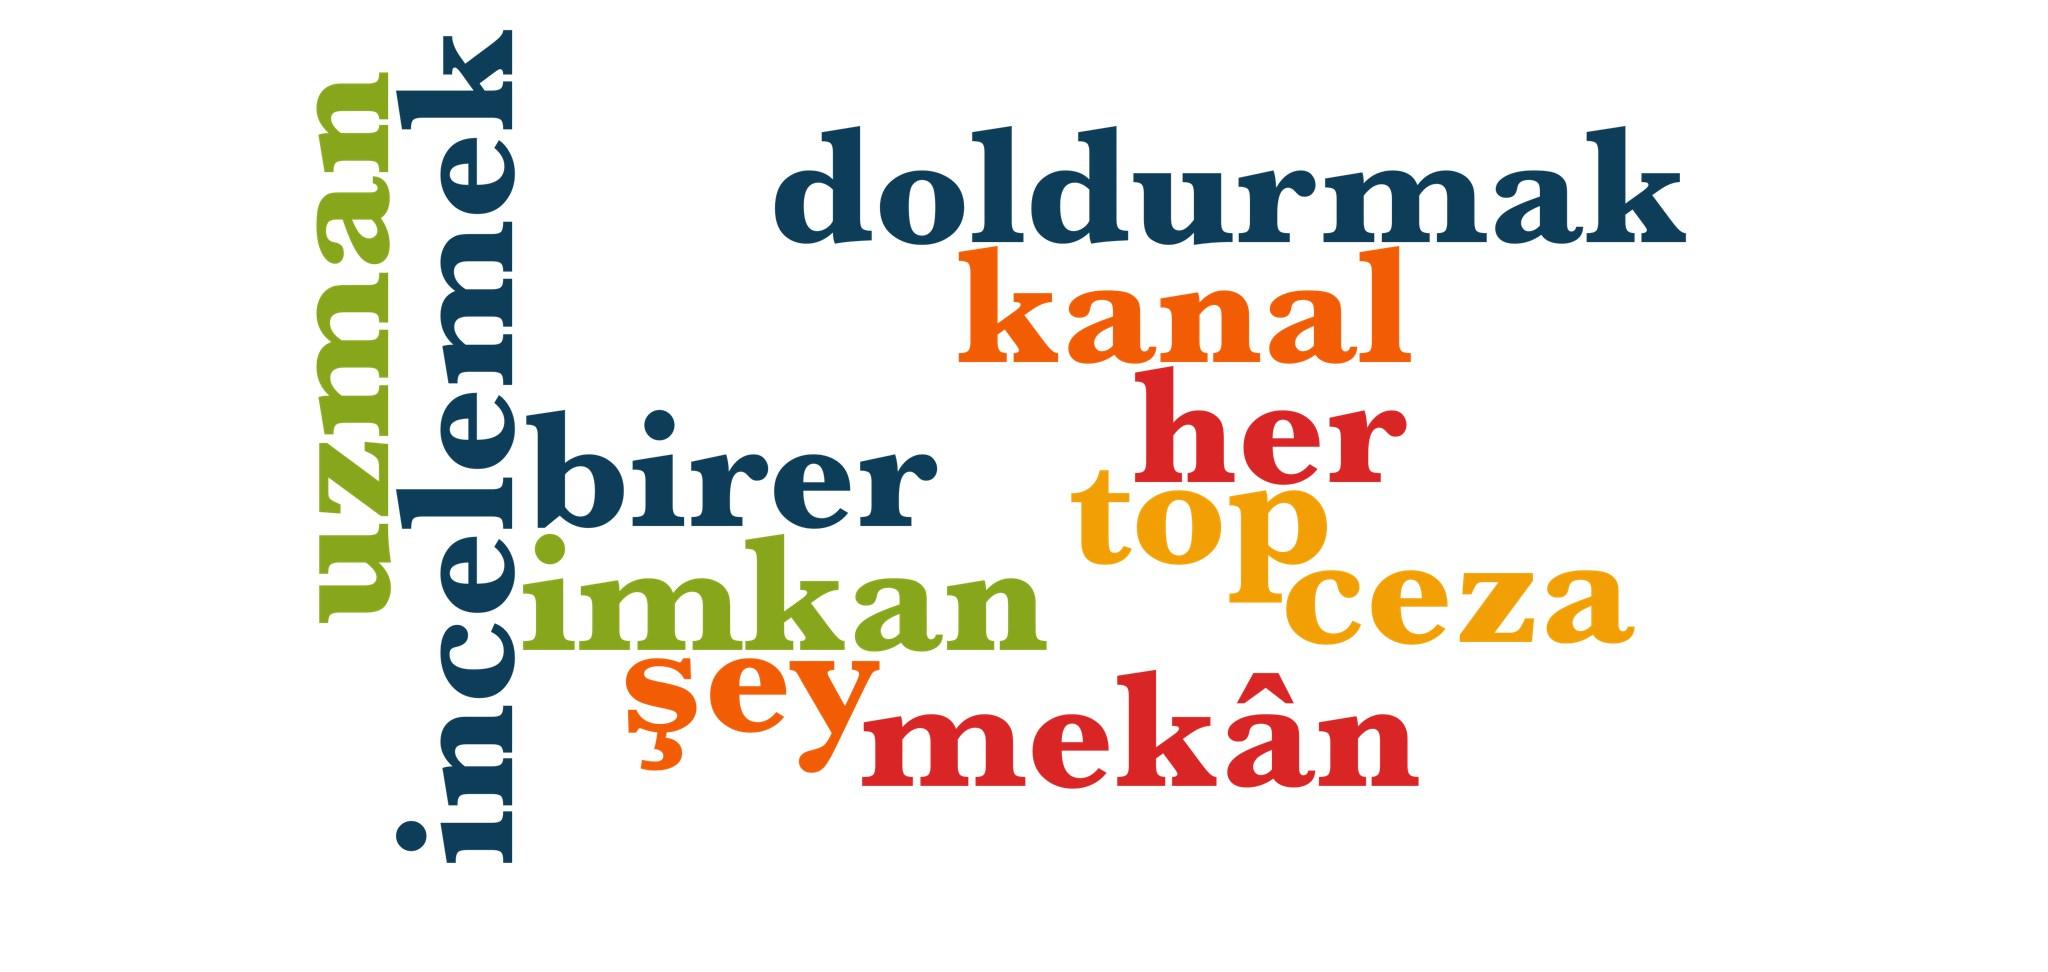 Wörter 691 bis 700 der 1000 häufigsten Wörter der türkischen Sprache